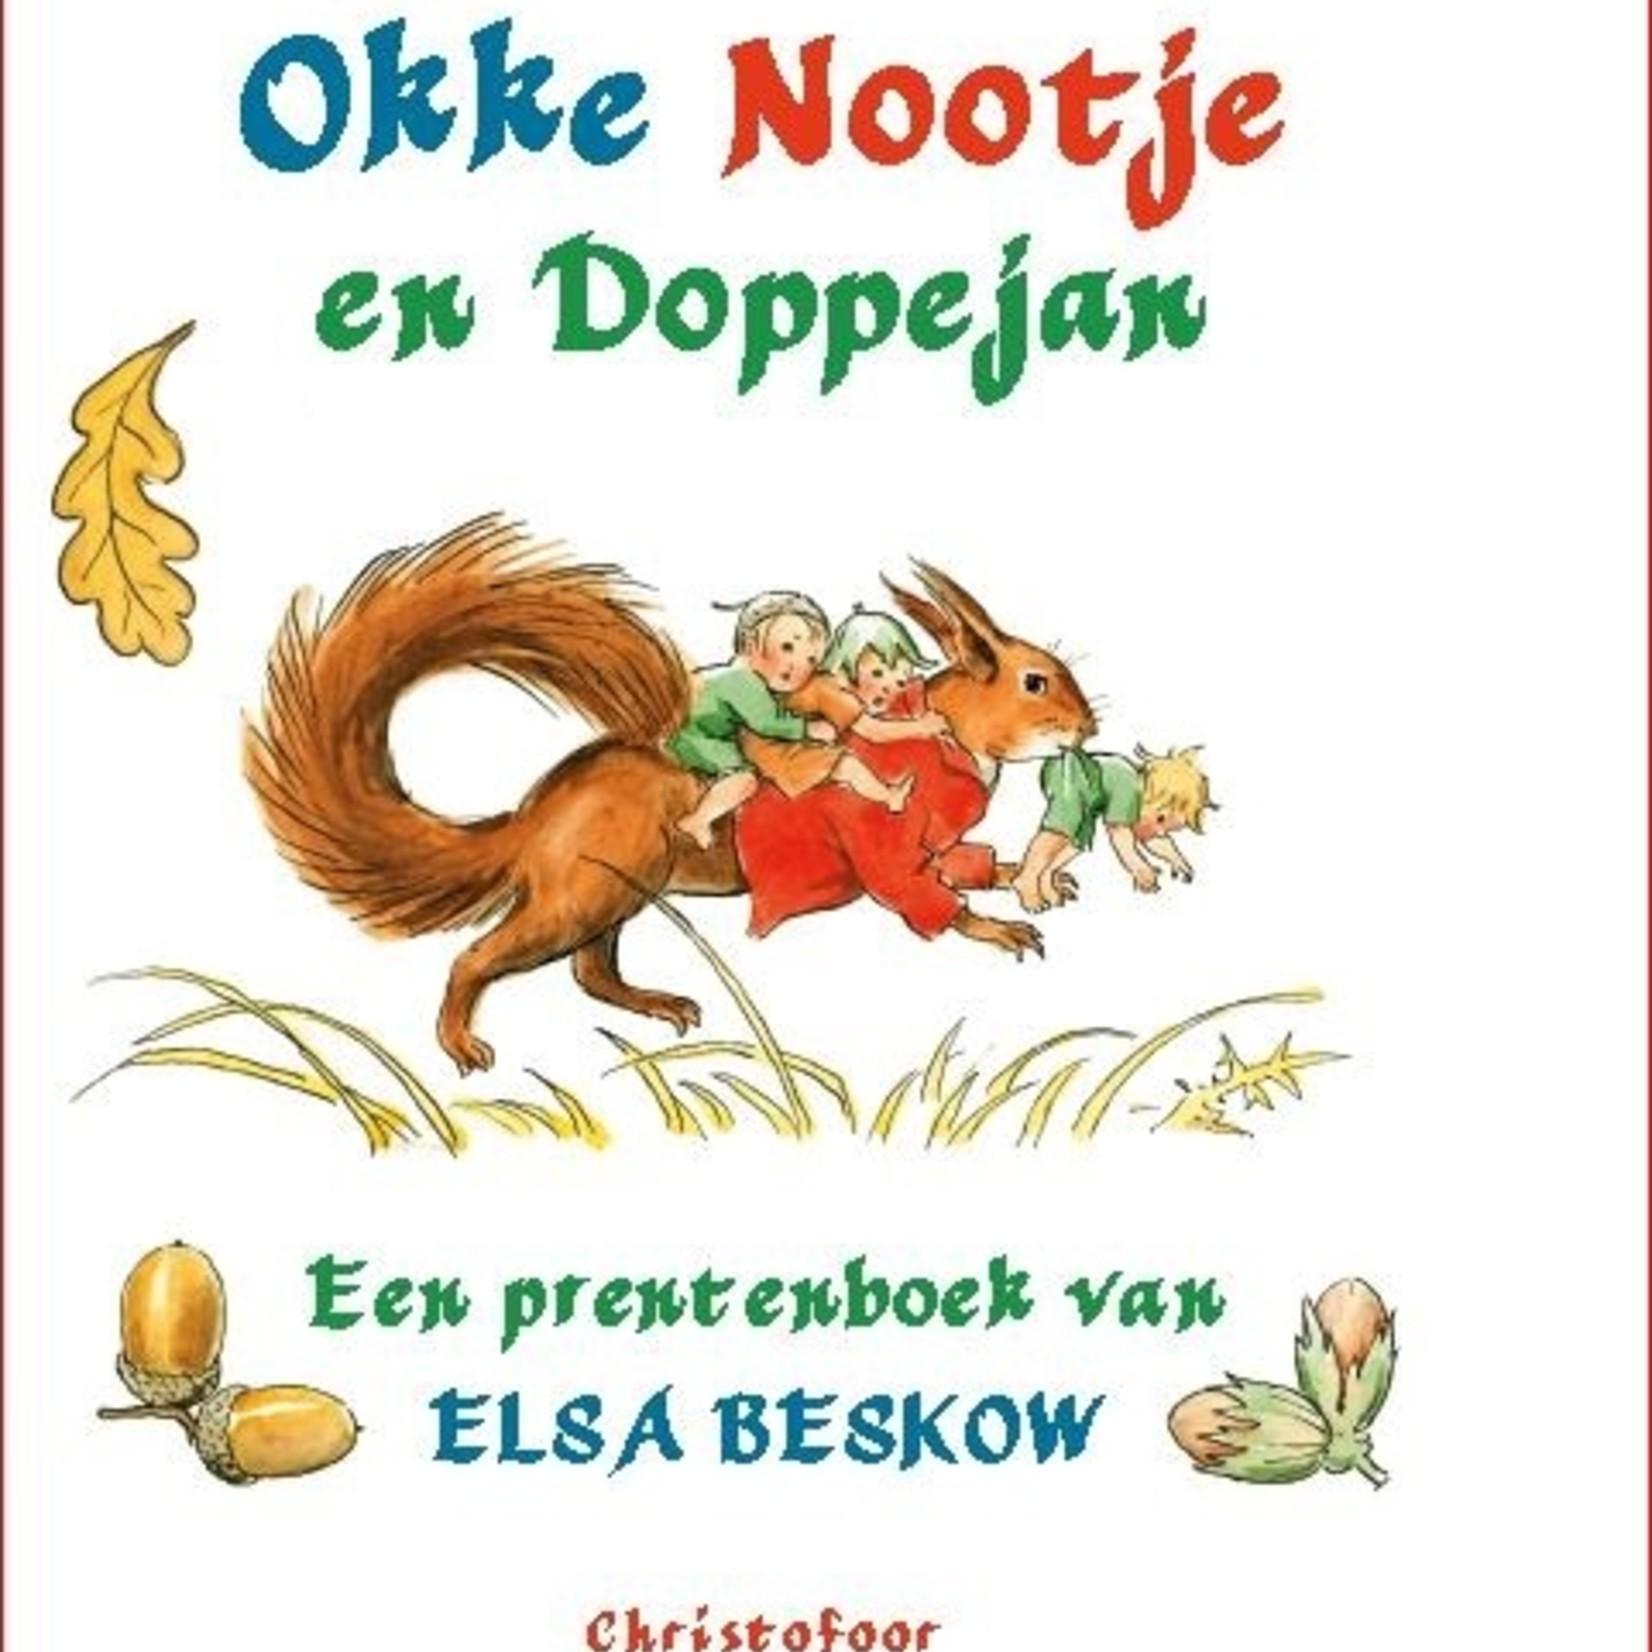 Okke, Nootje en Doppejan